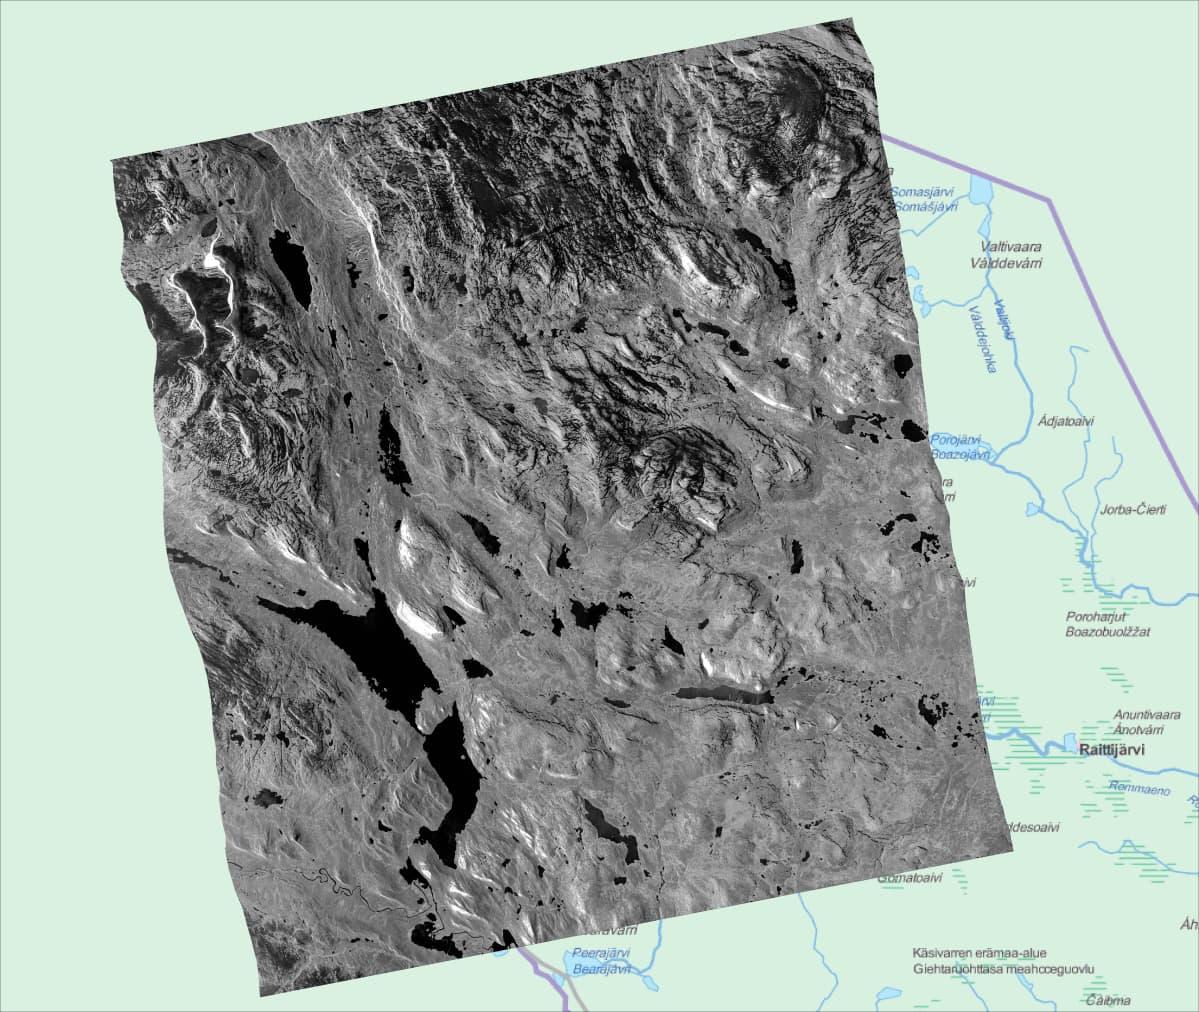 COSMO-SkyMed tutkasatelliittikuva Käsivarresta pilvipeitteen läpi on otettu aamulla 16.6.2016. Kuvan suurin järvi on Kilpisjärvi, josta jäät lähtivät tavallista aiemmin tänä keväänä.